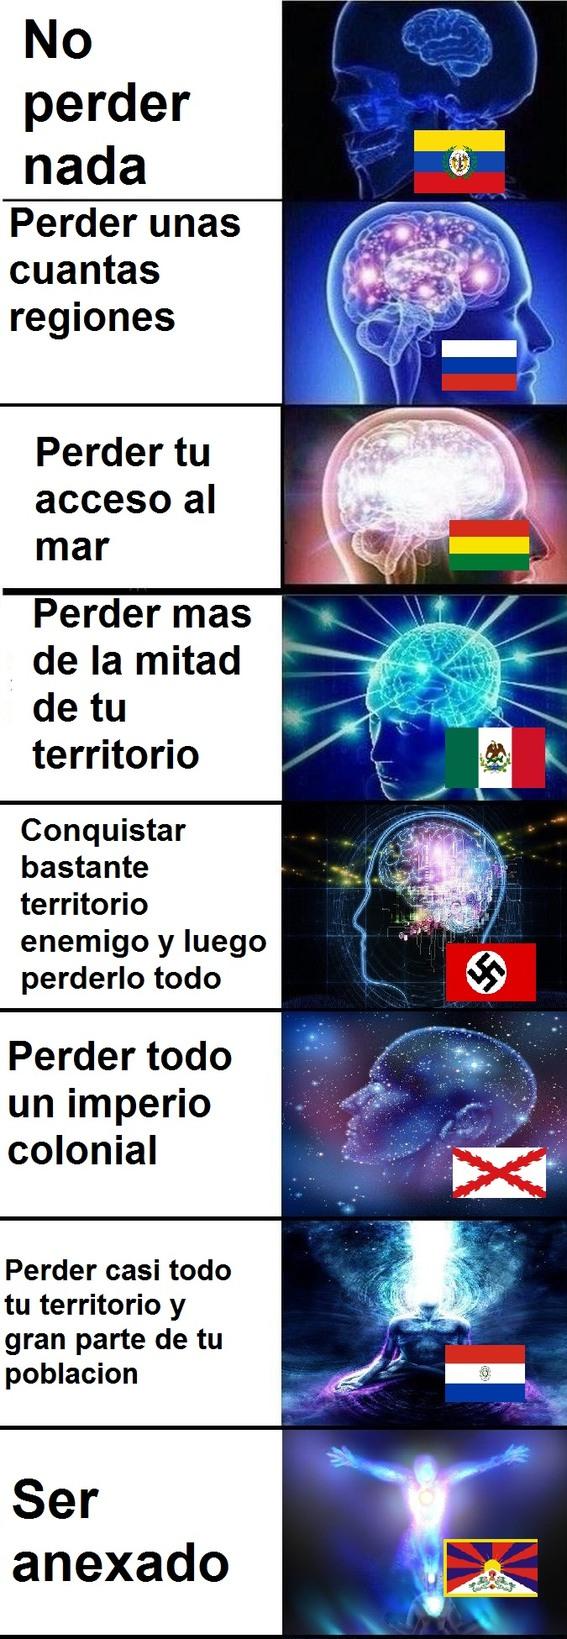 Las guerras y sus tratados - meme